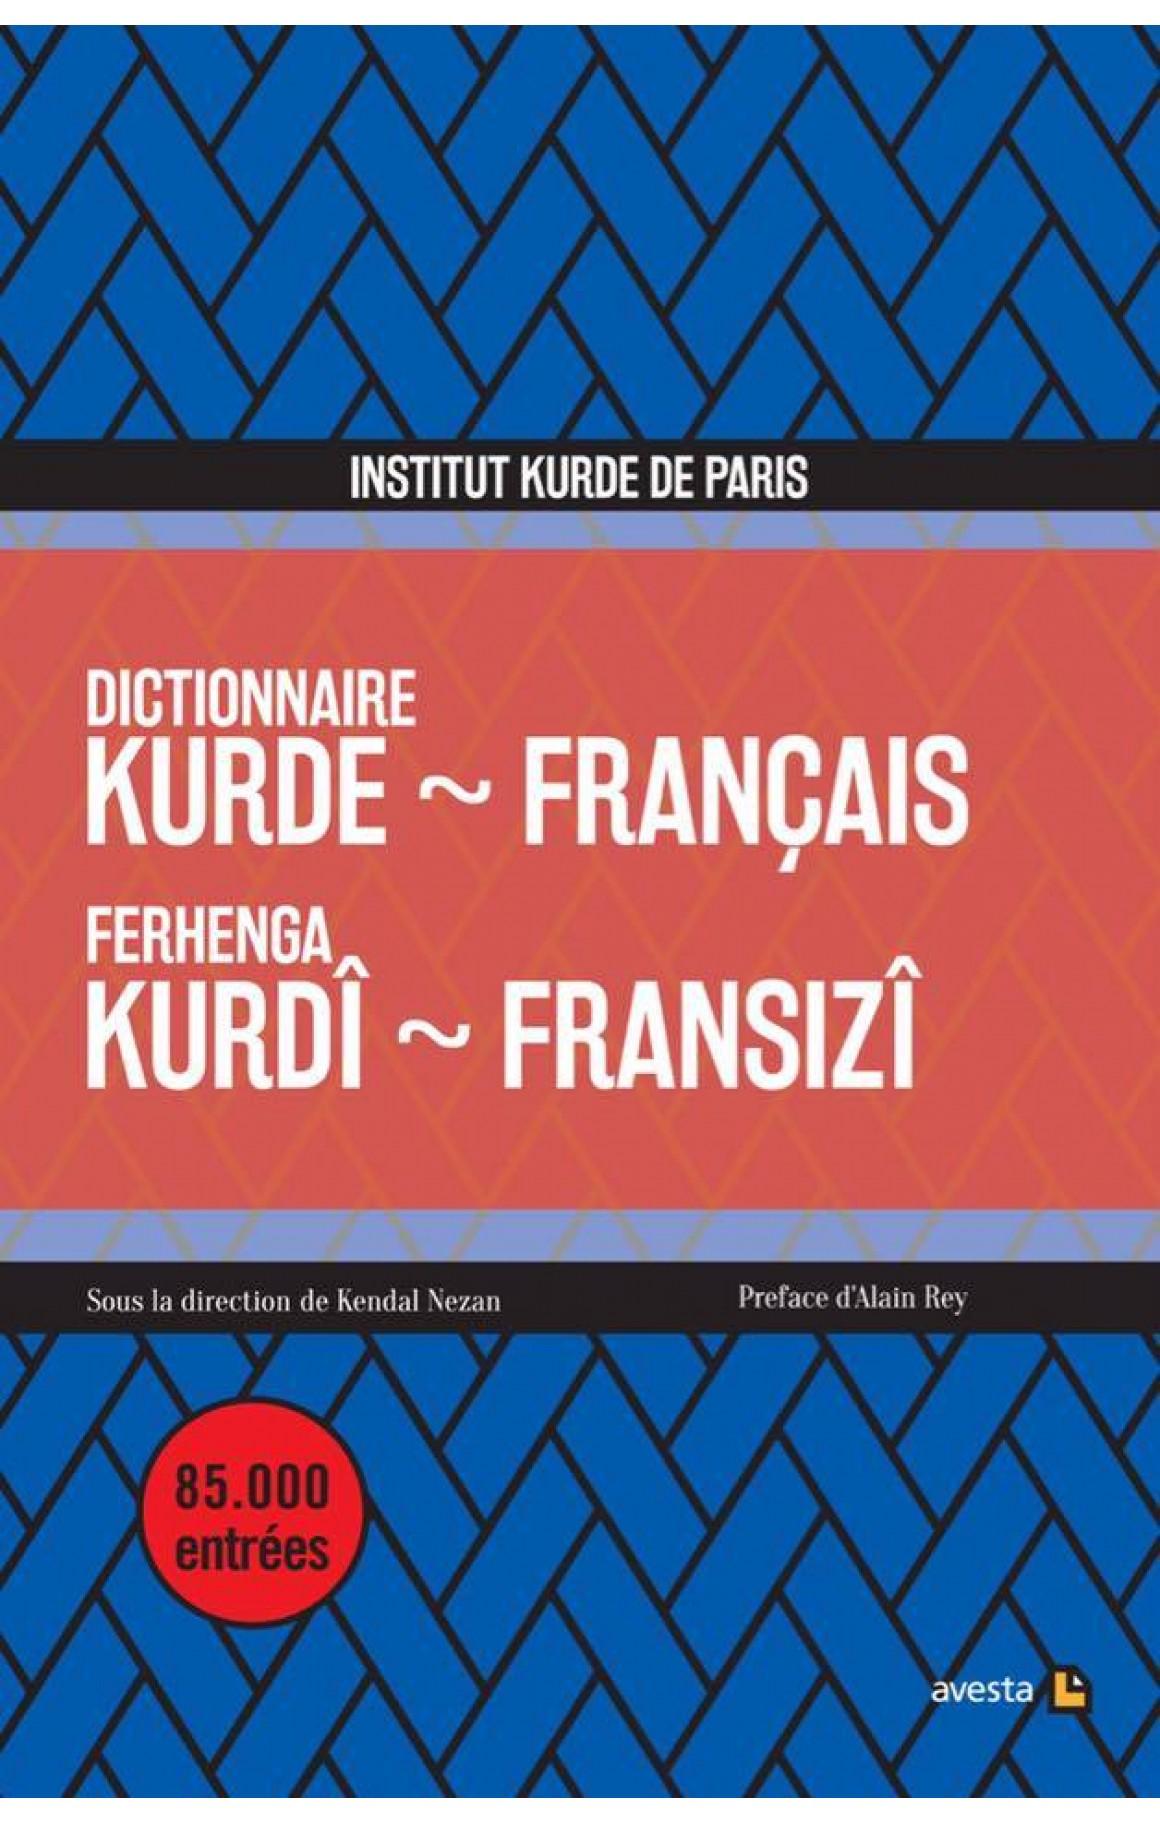 Ferhenga Kurdî - Fransizî